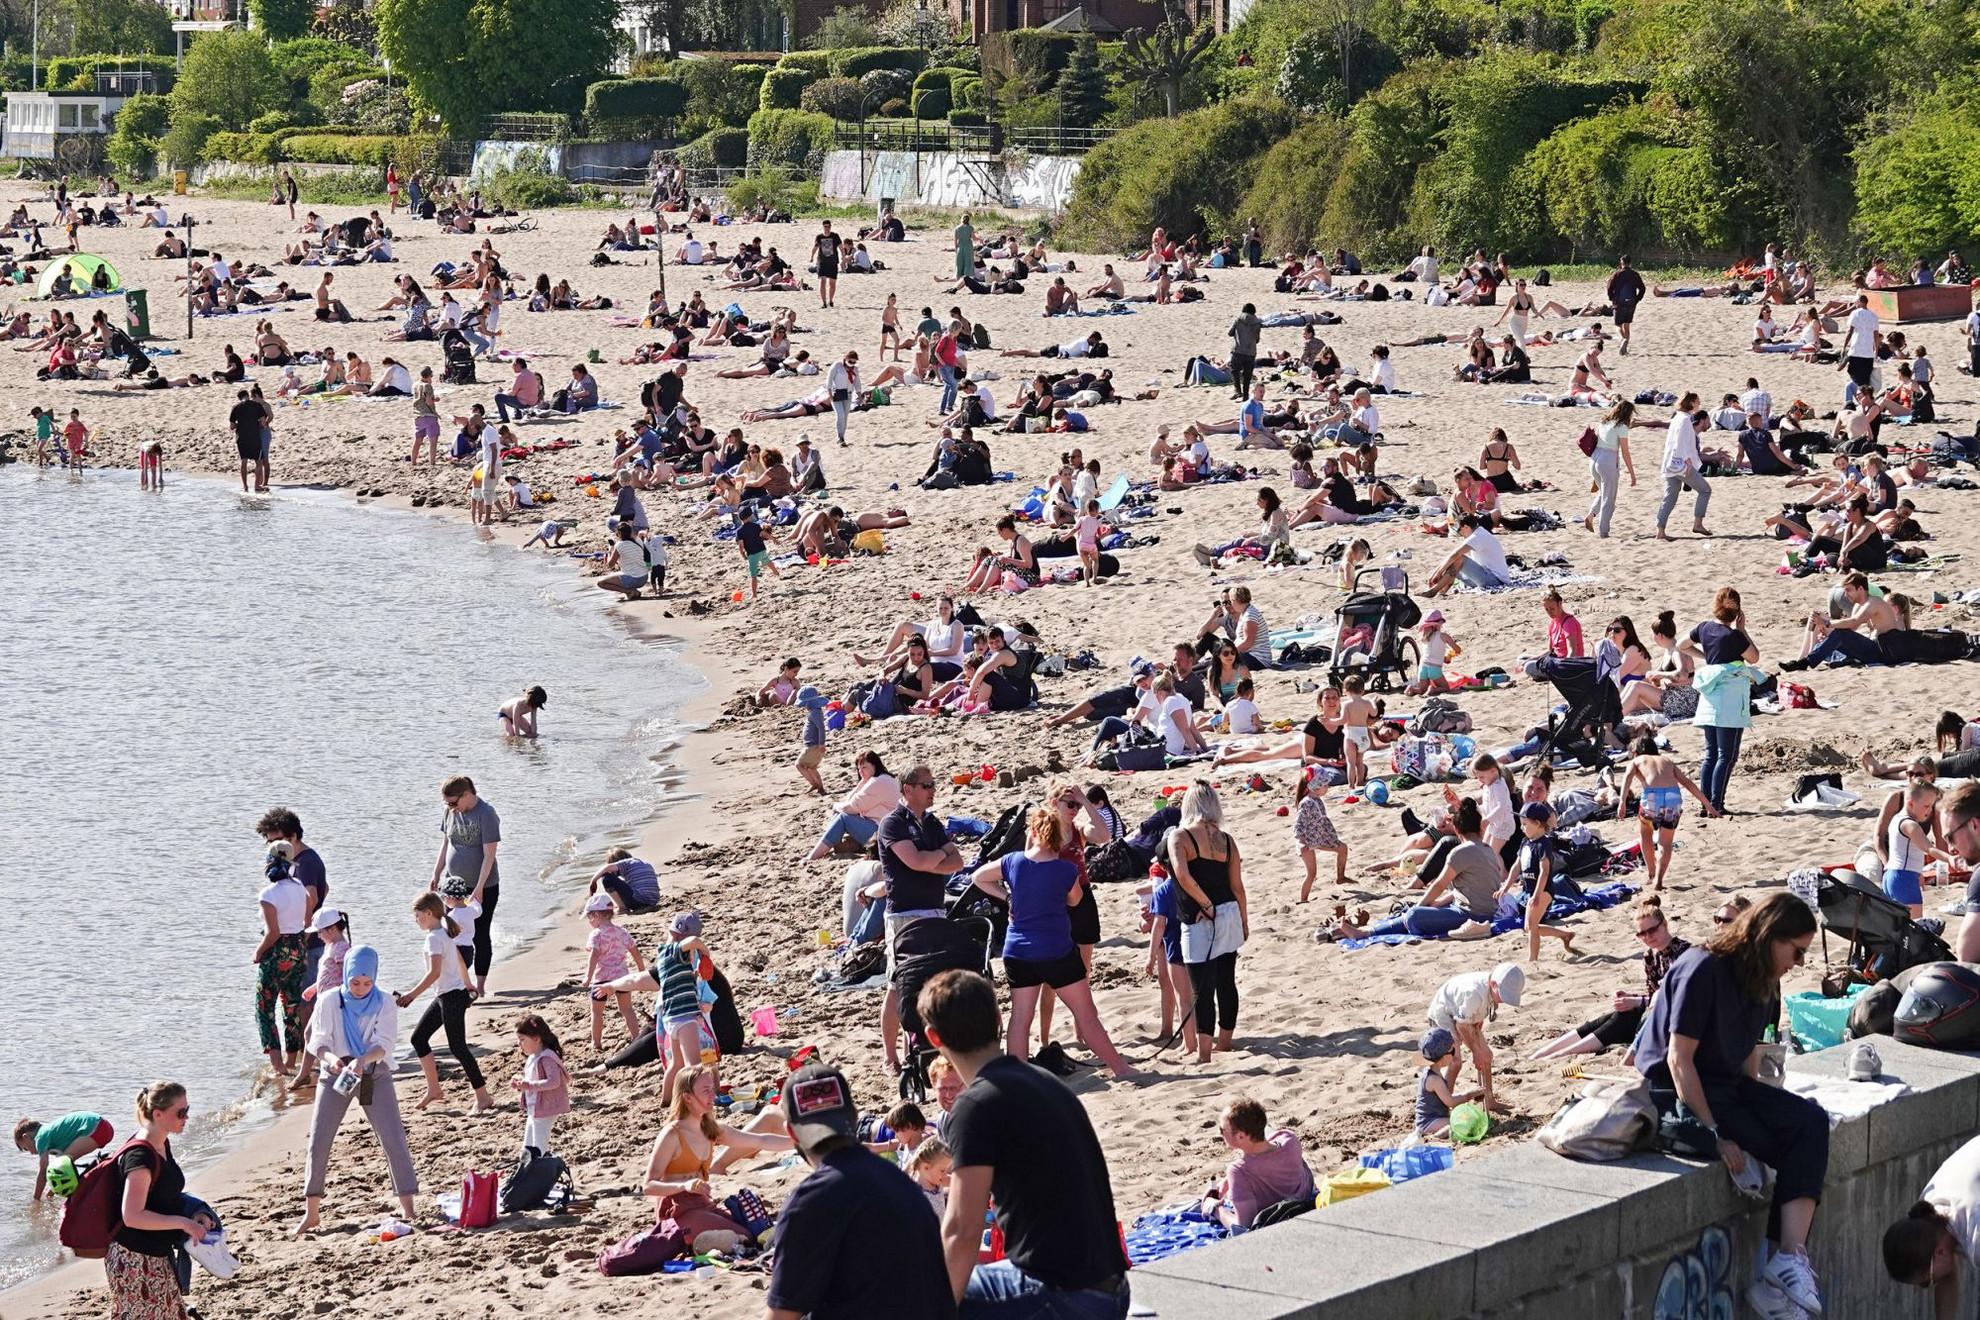 A bevezetett korlátozások ellenére tömegek látogattak el a jó időben az Elba partjára Hamburgban. Németországban hétfőn újranyithattak a kisebb boltok, egyes iskolákban pedig újra vizsgázhatnak a tanulók. A Robert Koch járványügyi intézet elnökhelyettese, Lars Schaade szerint a koronavírus-járványt lassító korlátozások további lazításához a jelenlegi kétezer feletti szintről néhány százra kell csökkenteni az igazolt új fertőzések napi számát, csak így képesek ellenőrzés alatt tartani a járványt. A vírust eddig 154111 ember szervezetében mutatták ki az országban, 106800-an gyógyultak meg, és 5632 ember halt meg a betegségben. (HSz)